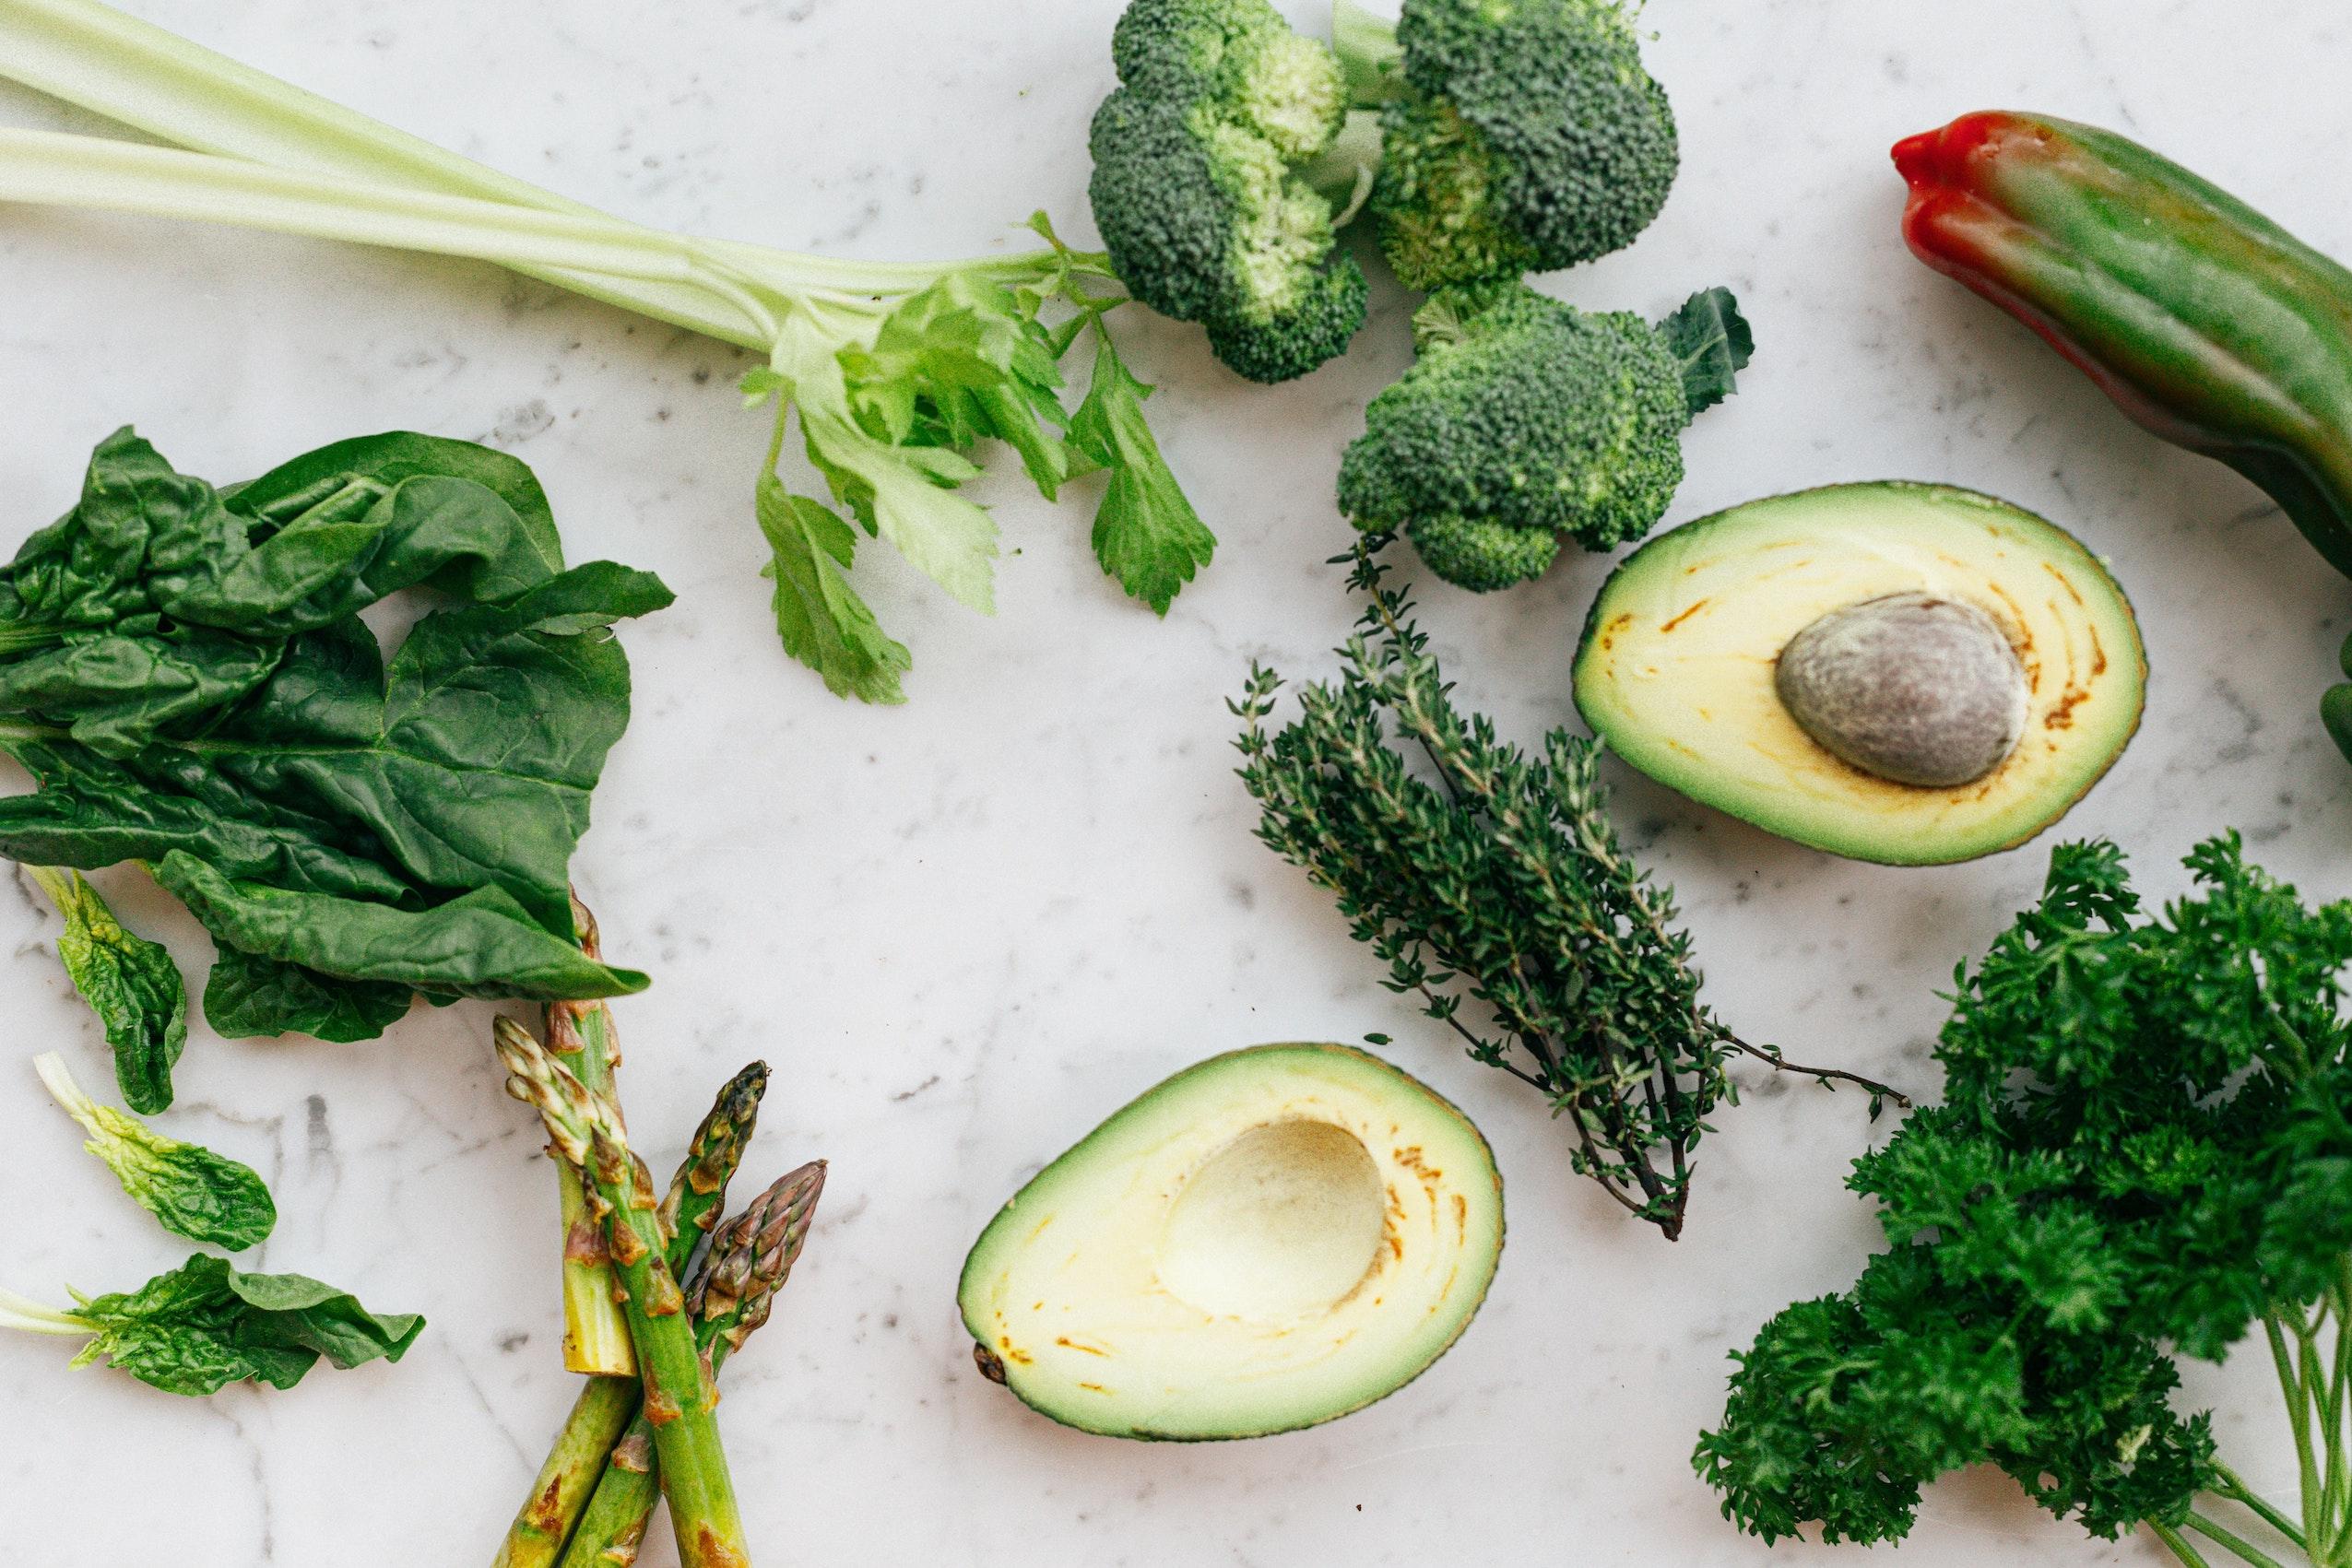 hipoalergiczni-wywiad-monika-ptak-korbacz-ajurwedyjska-droga-do-odpornosci-dieta